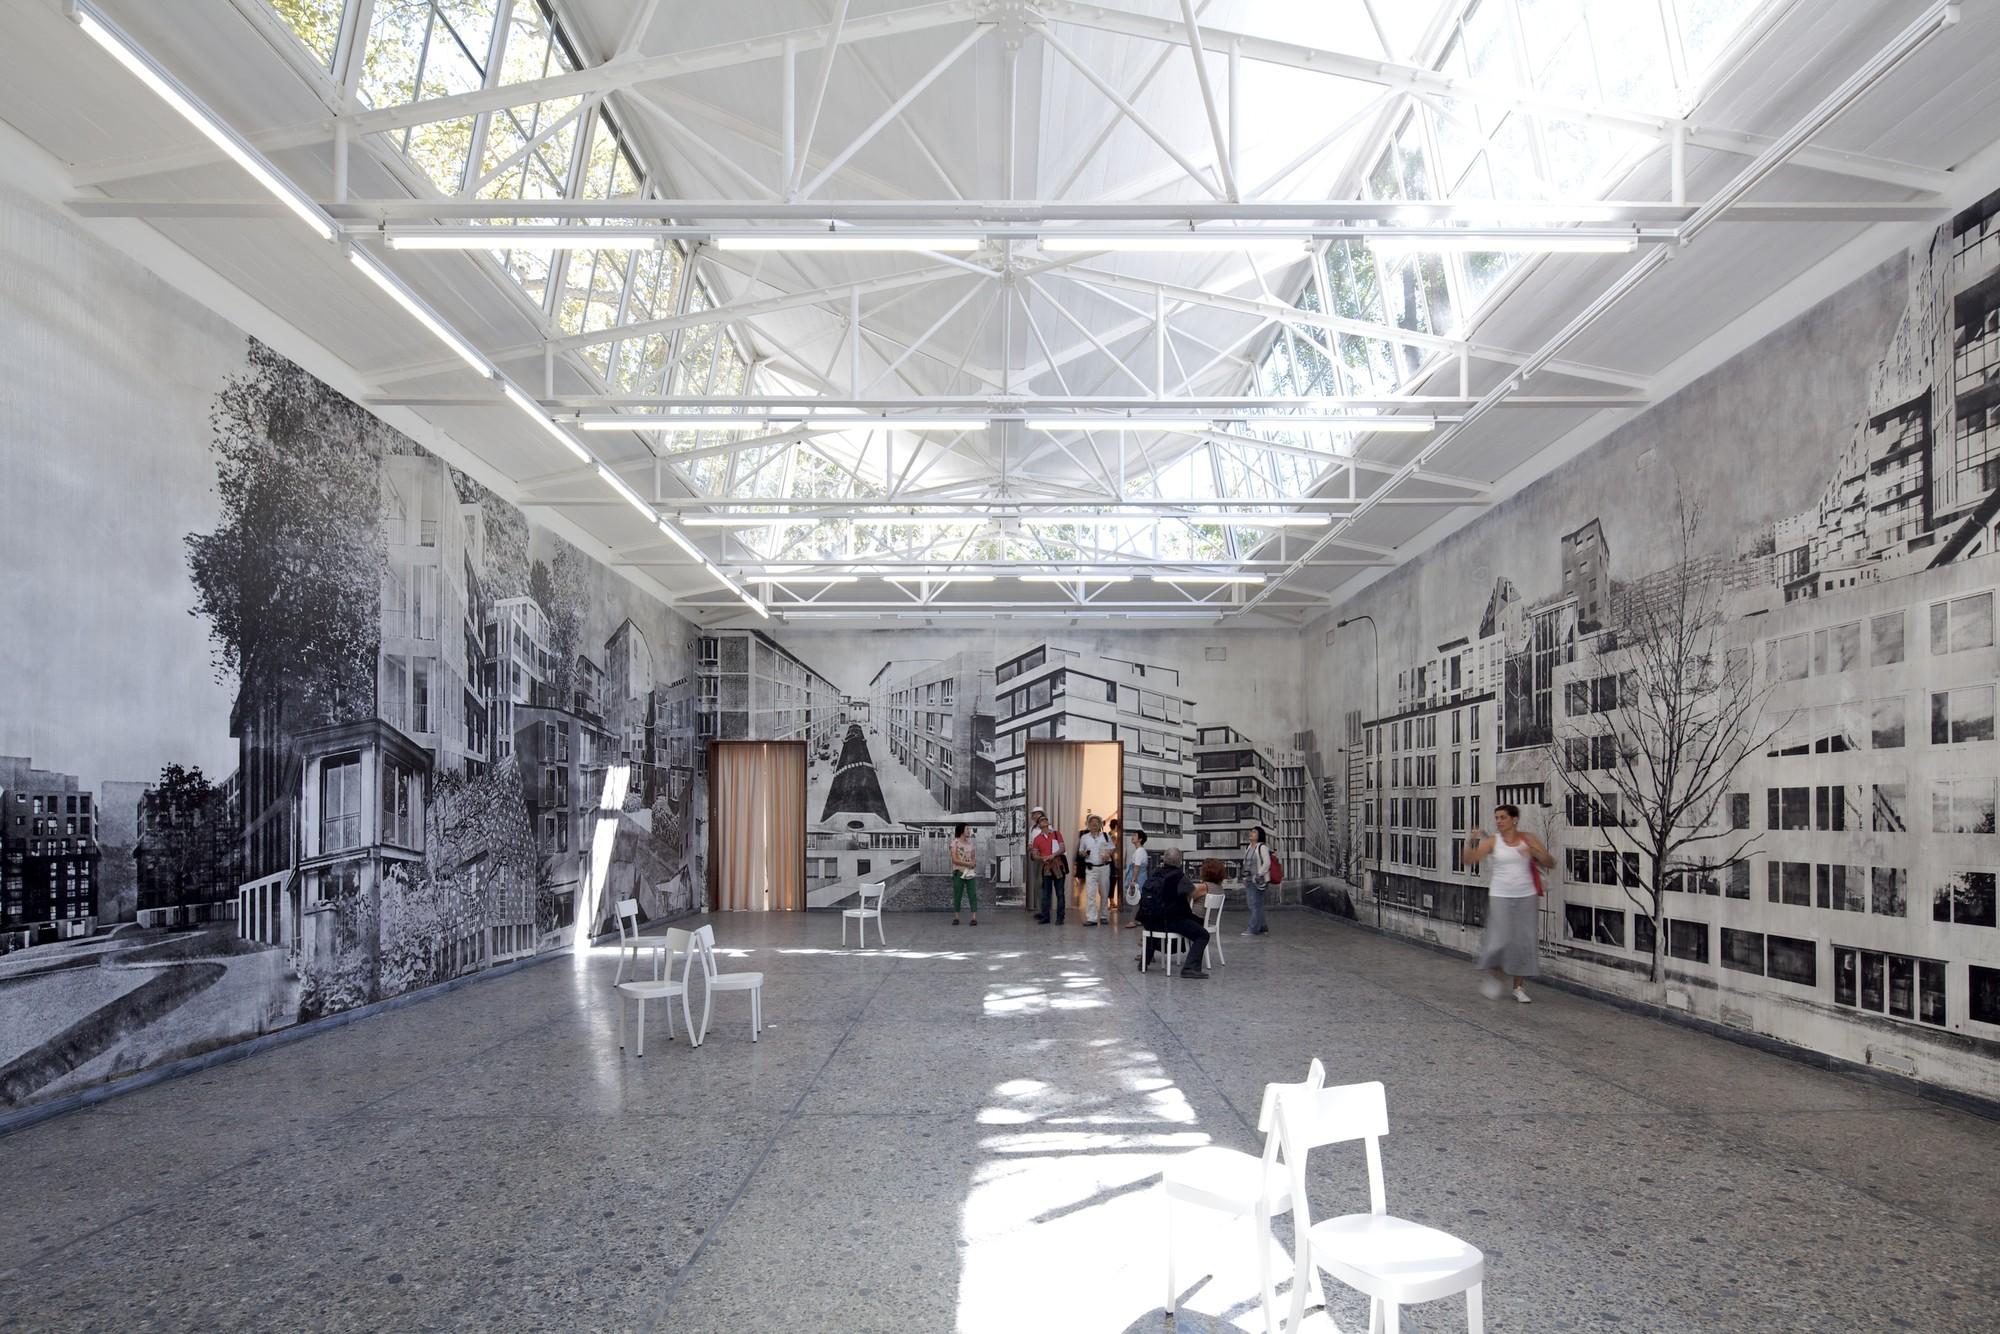 Venice Biennale 2014: Hans Ulrich Obrist and Herzog & de Meuron Collaborate on Swiss Pavilion, Venice Biennale 2012: Switzerland Pavilion. Image © Nico Saieh